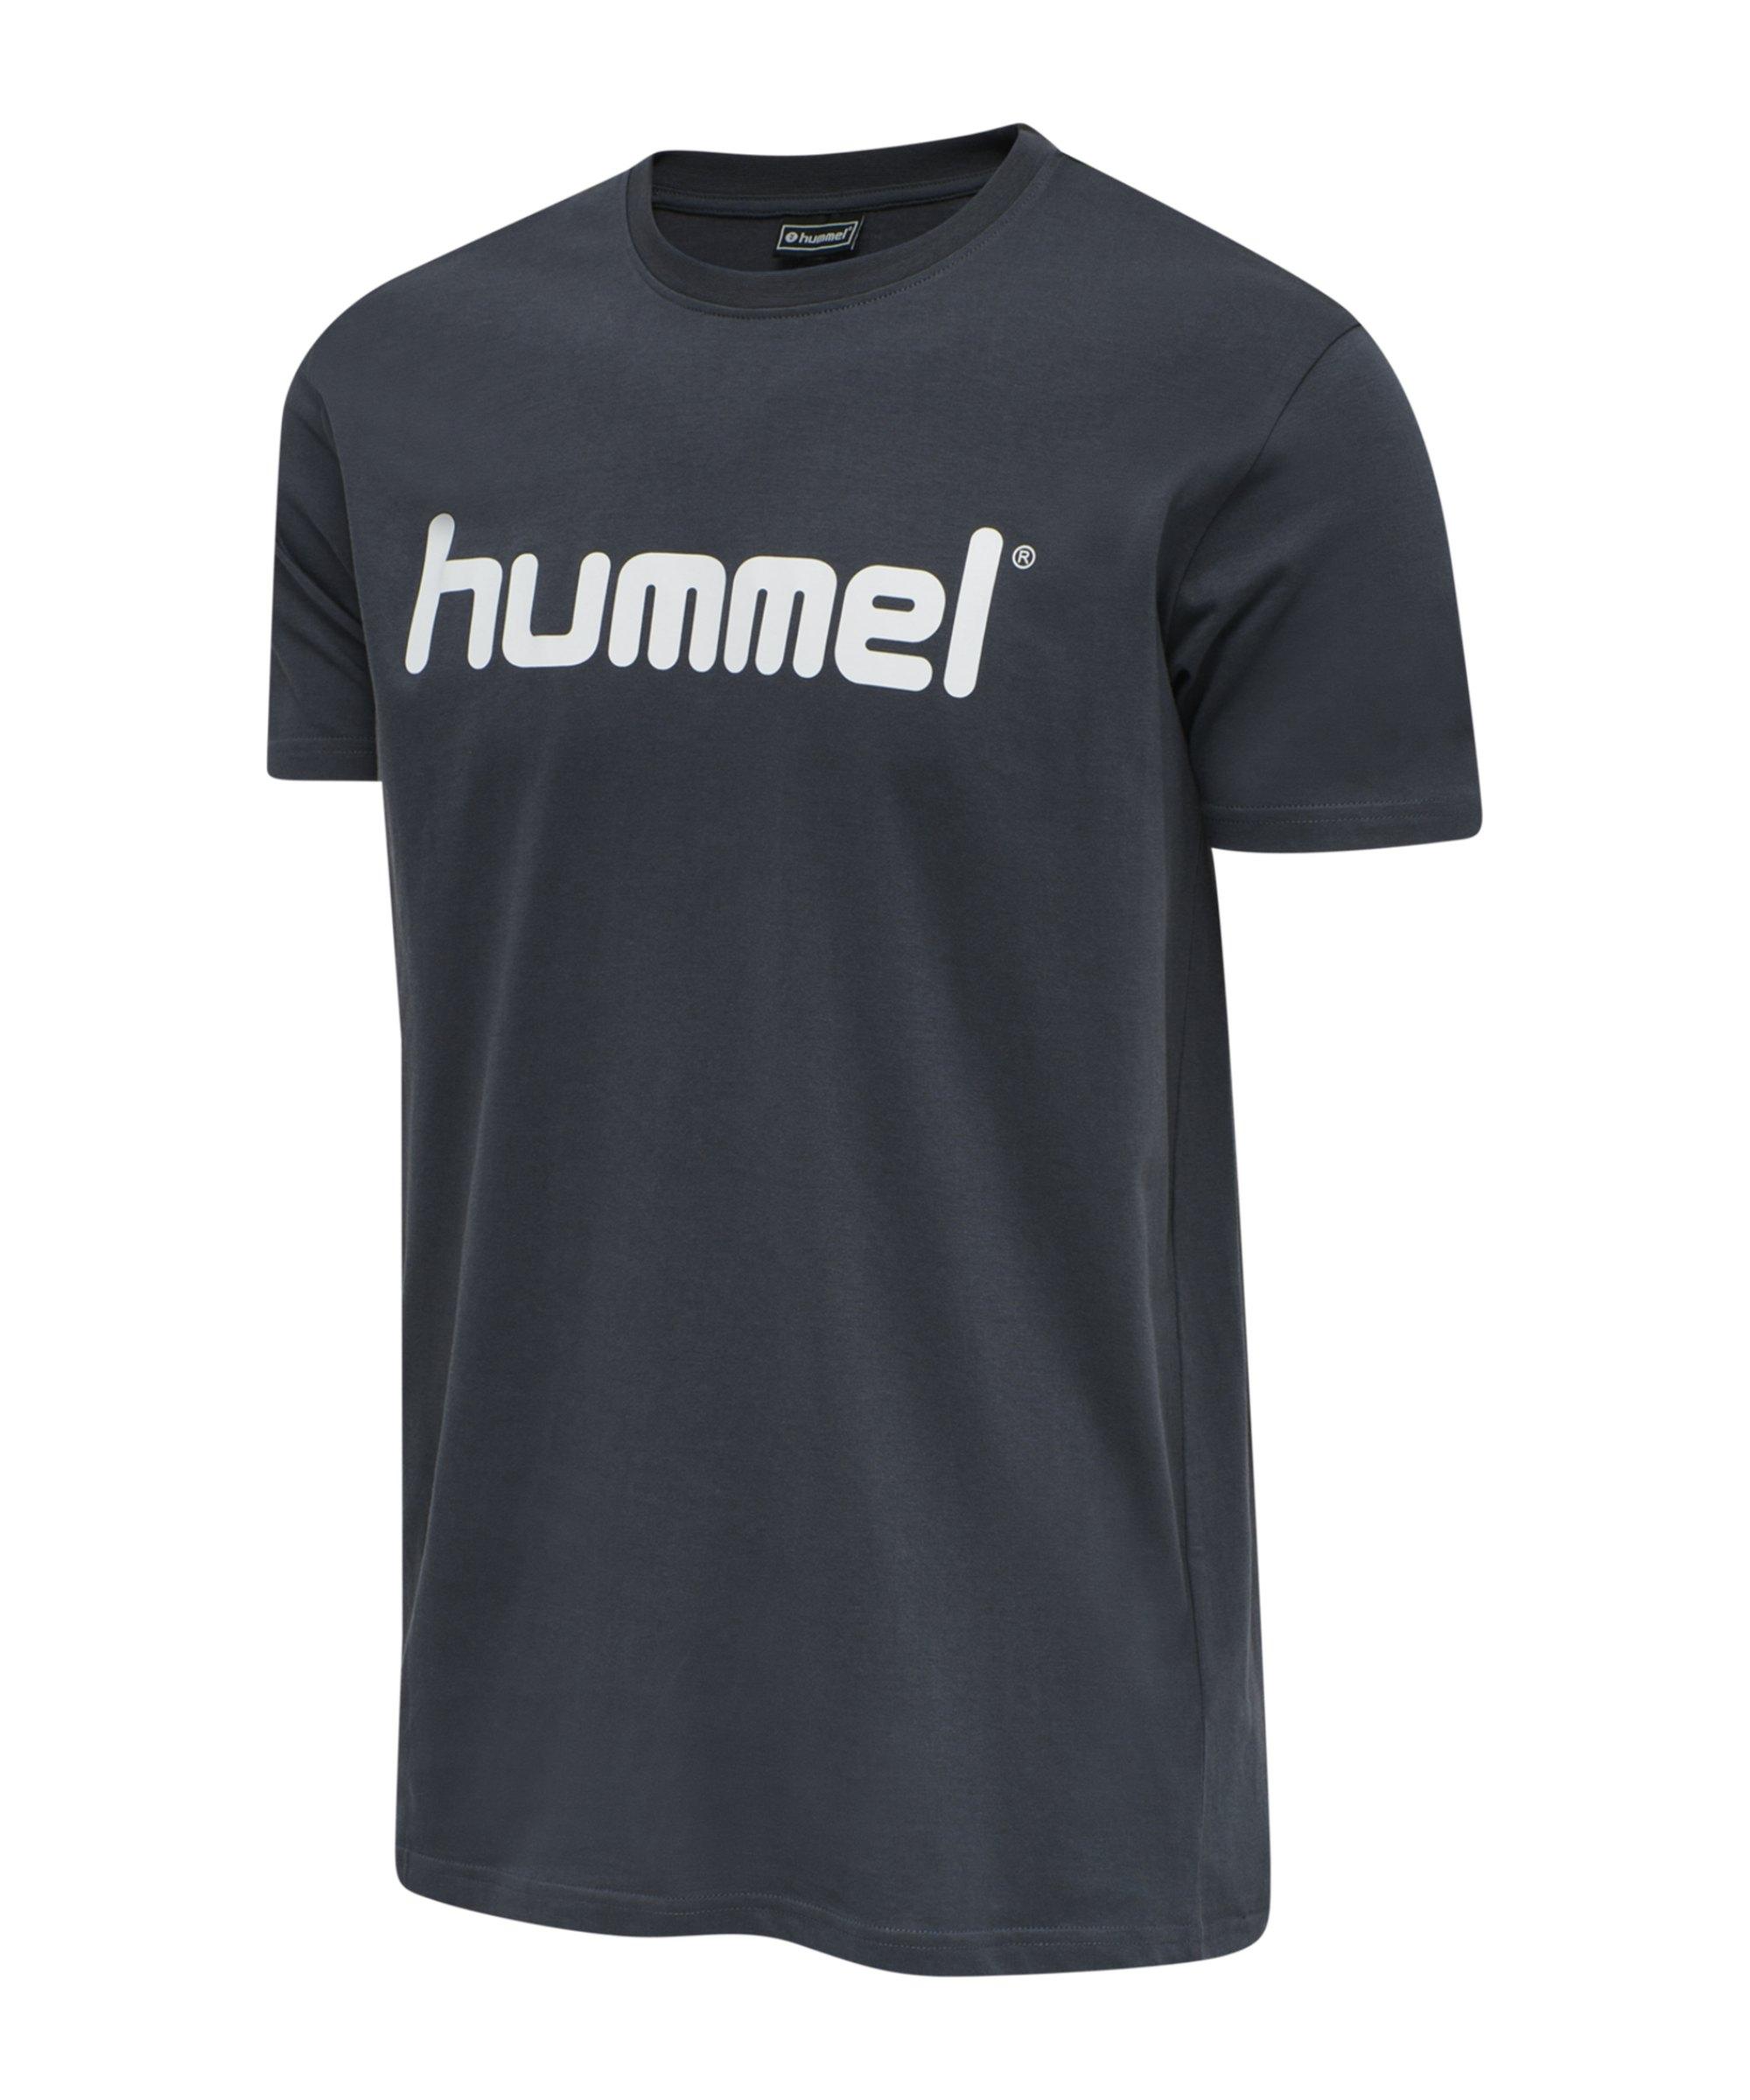 Hummel Cotton T-Shirt Logo Grau F8571 - grau